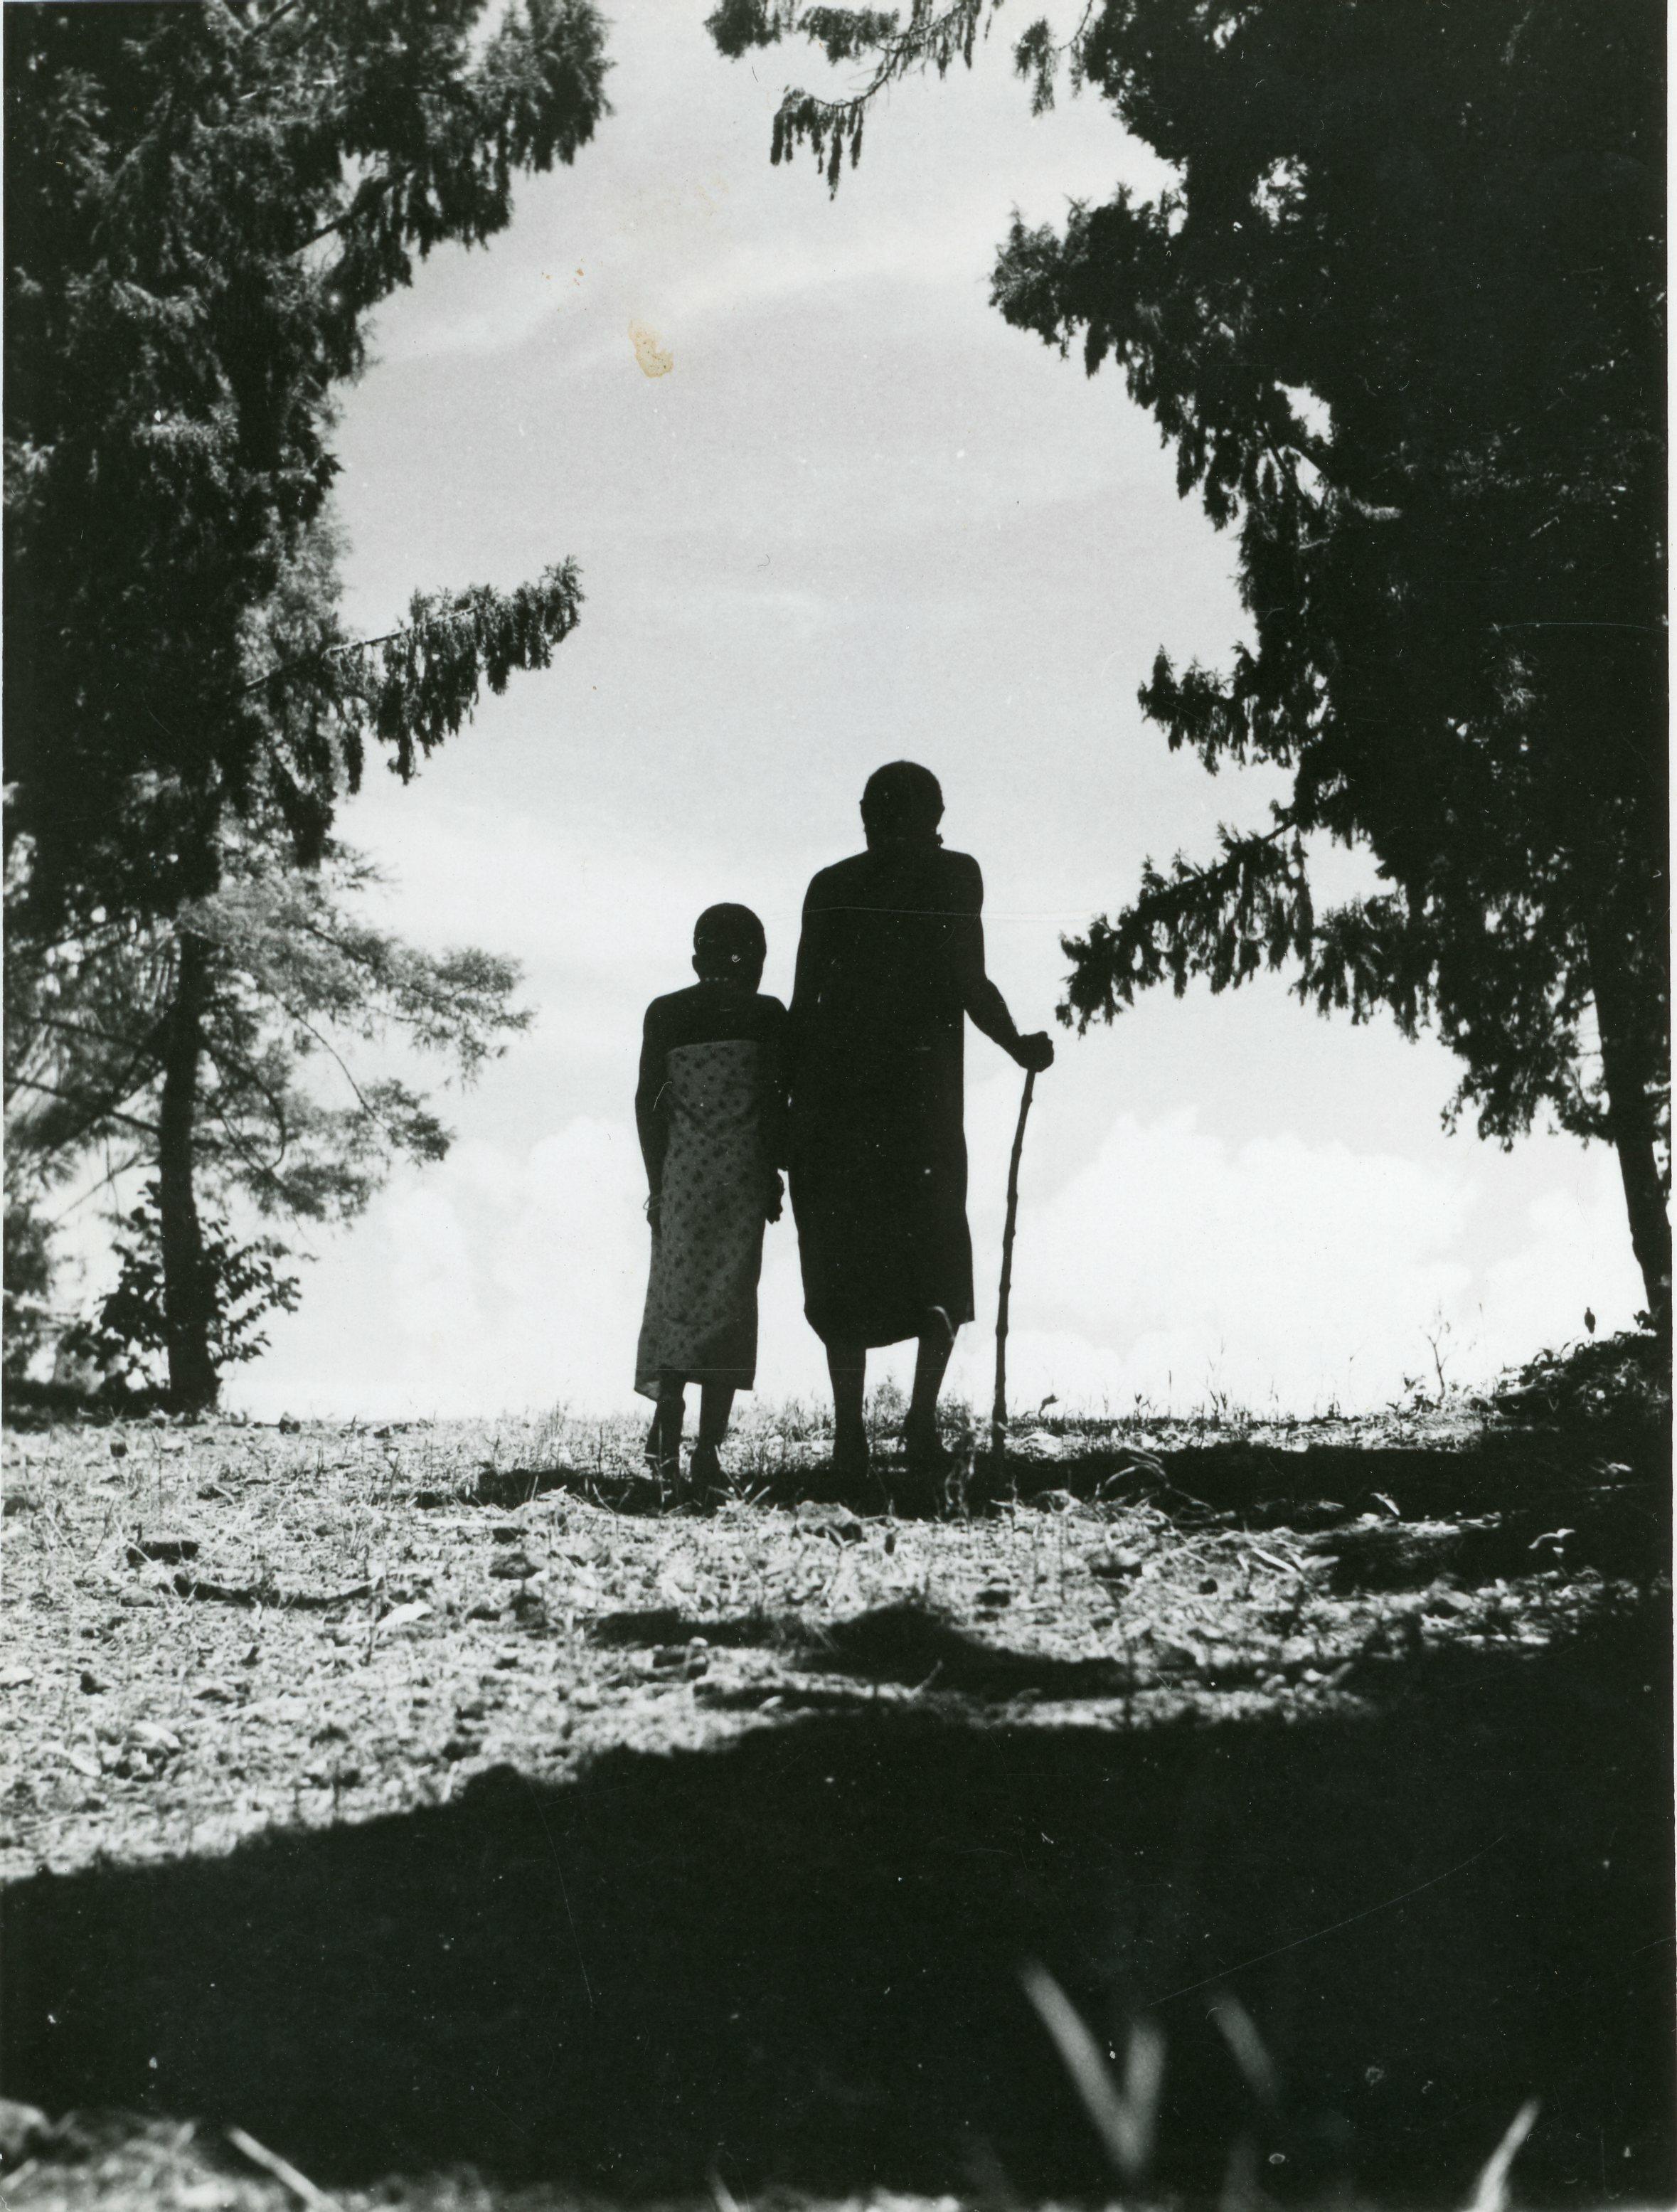 Zwart-wit afbeelding van Katutu. Hij wordt afgebeeld met een stok en wordt begeleid door een jongen